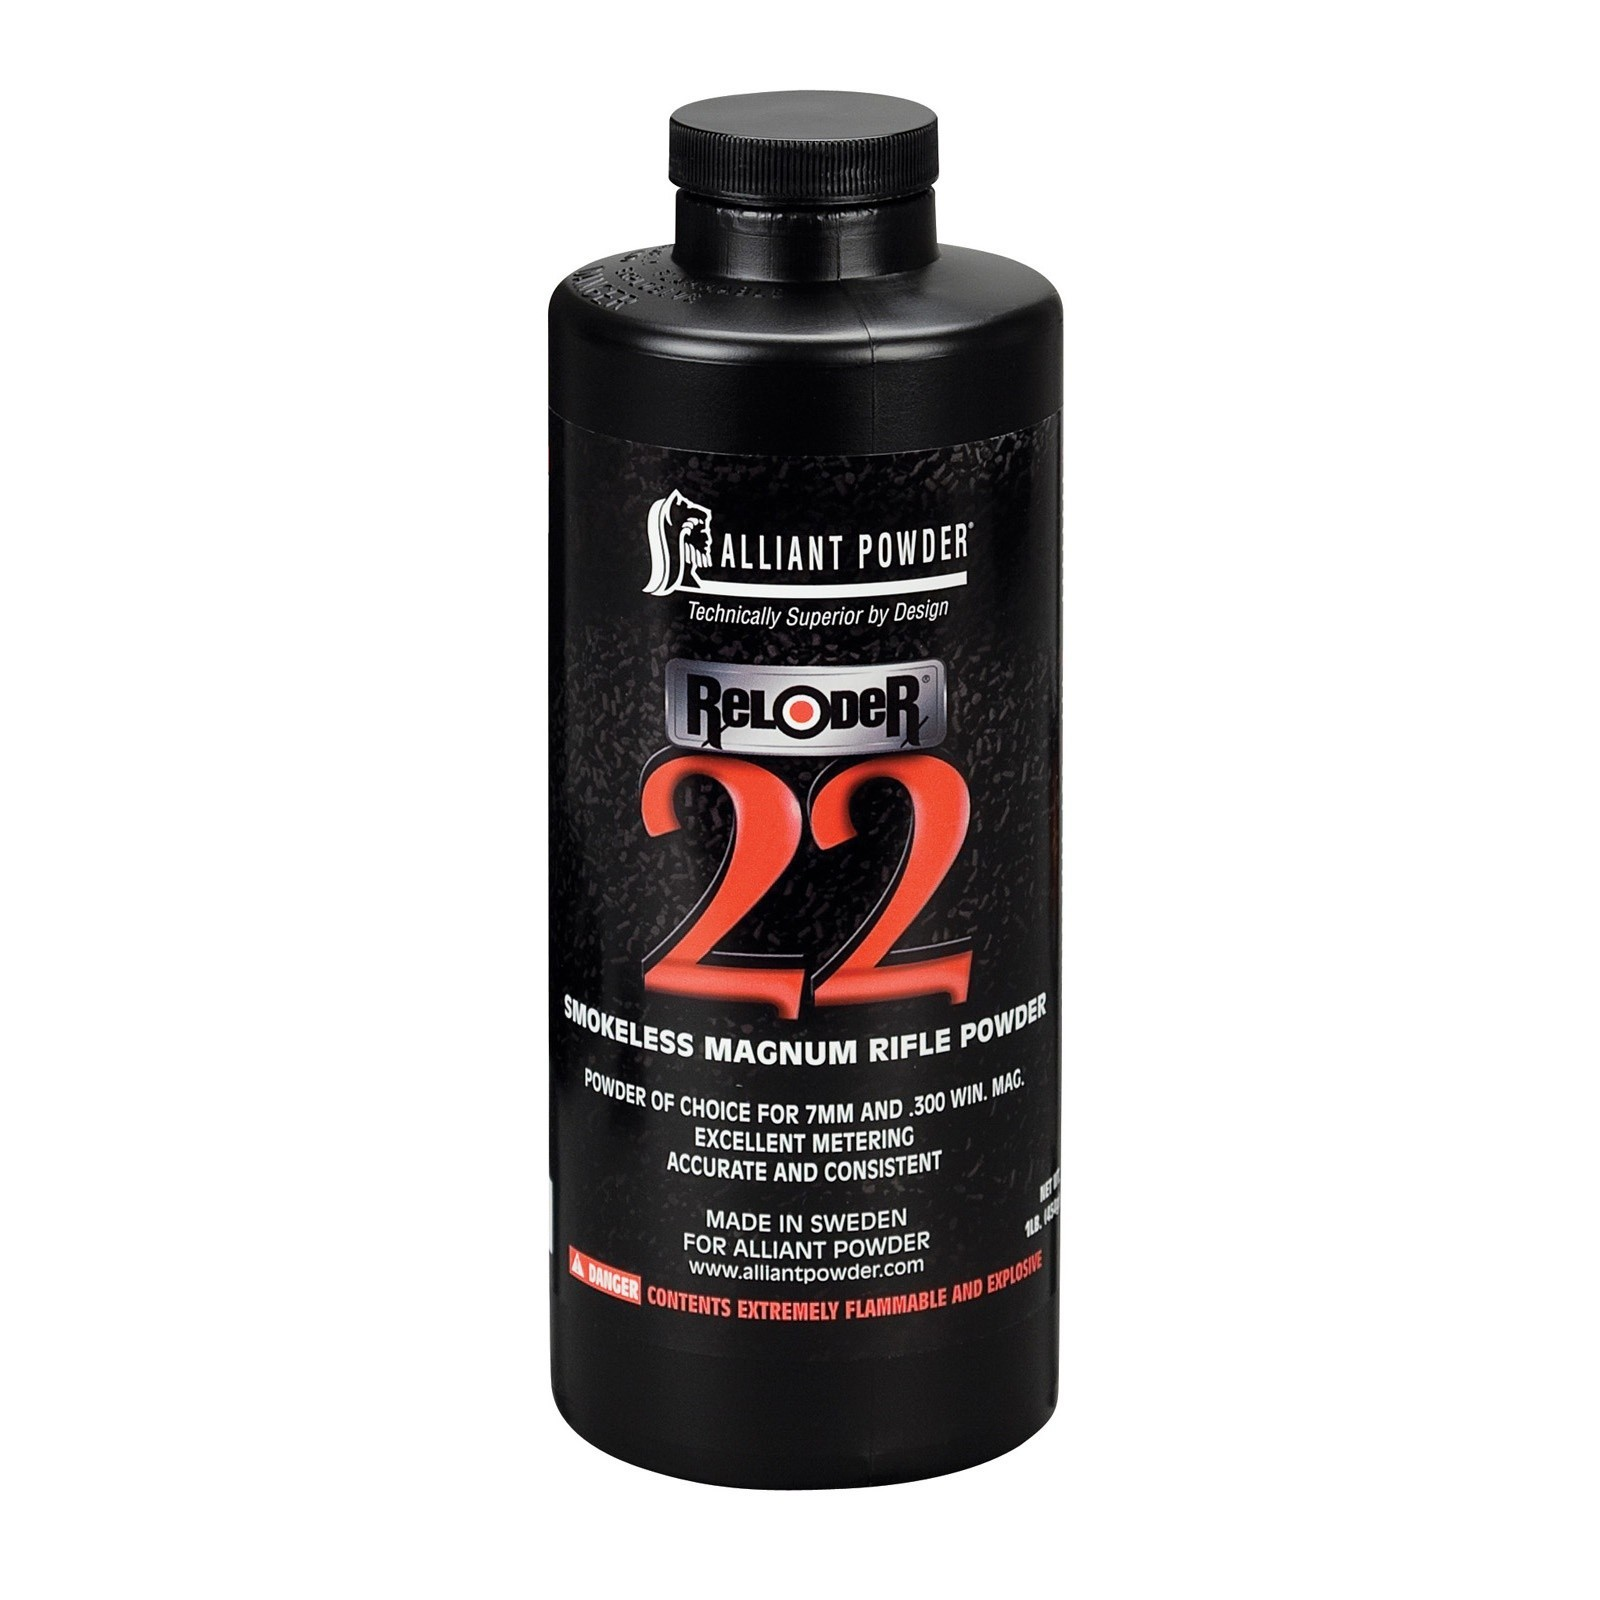 Alliant Powder Reloader 22 Magnum Rifle, 1 LB